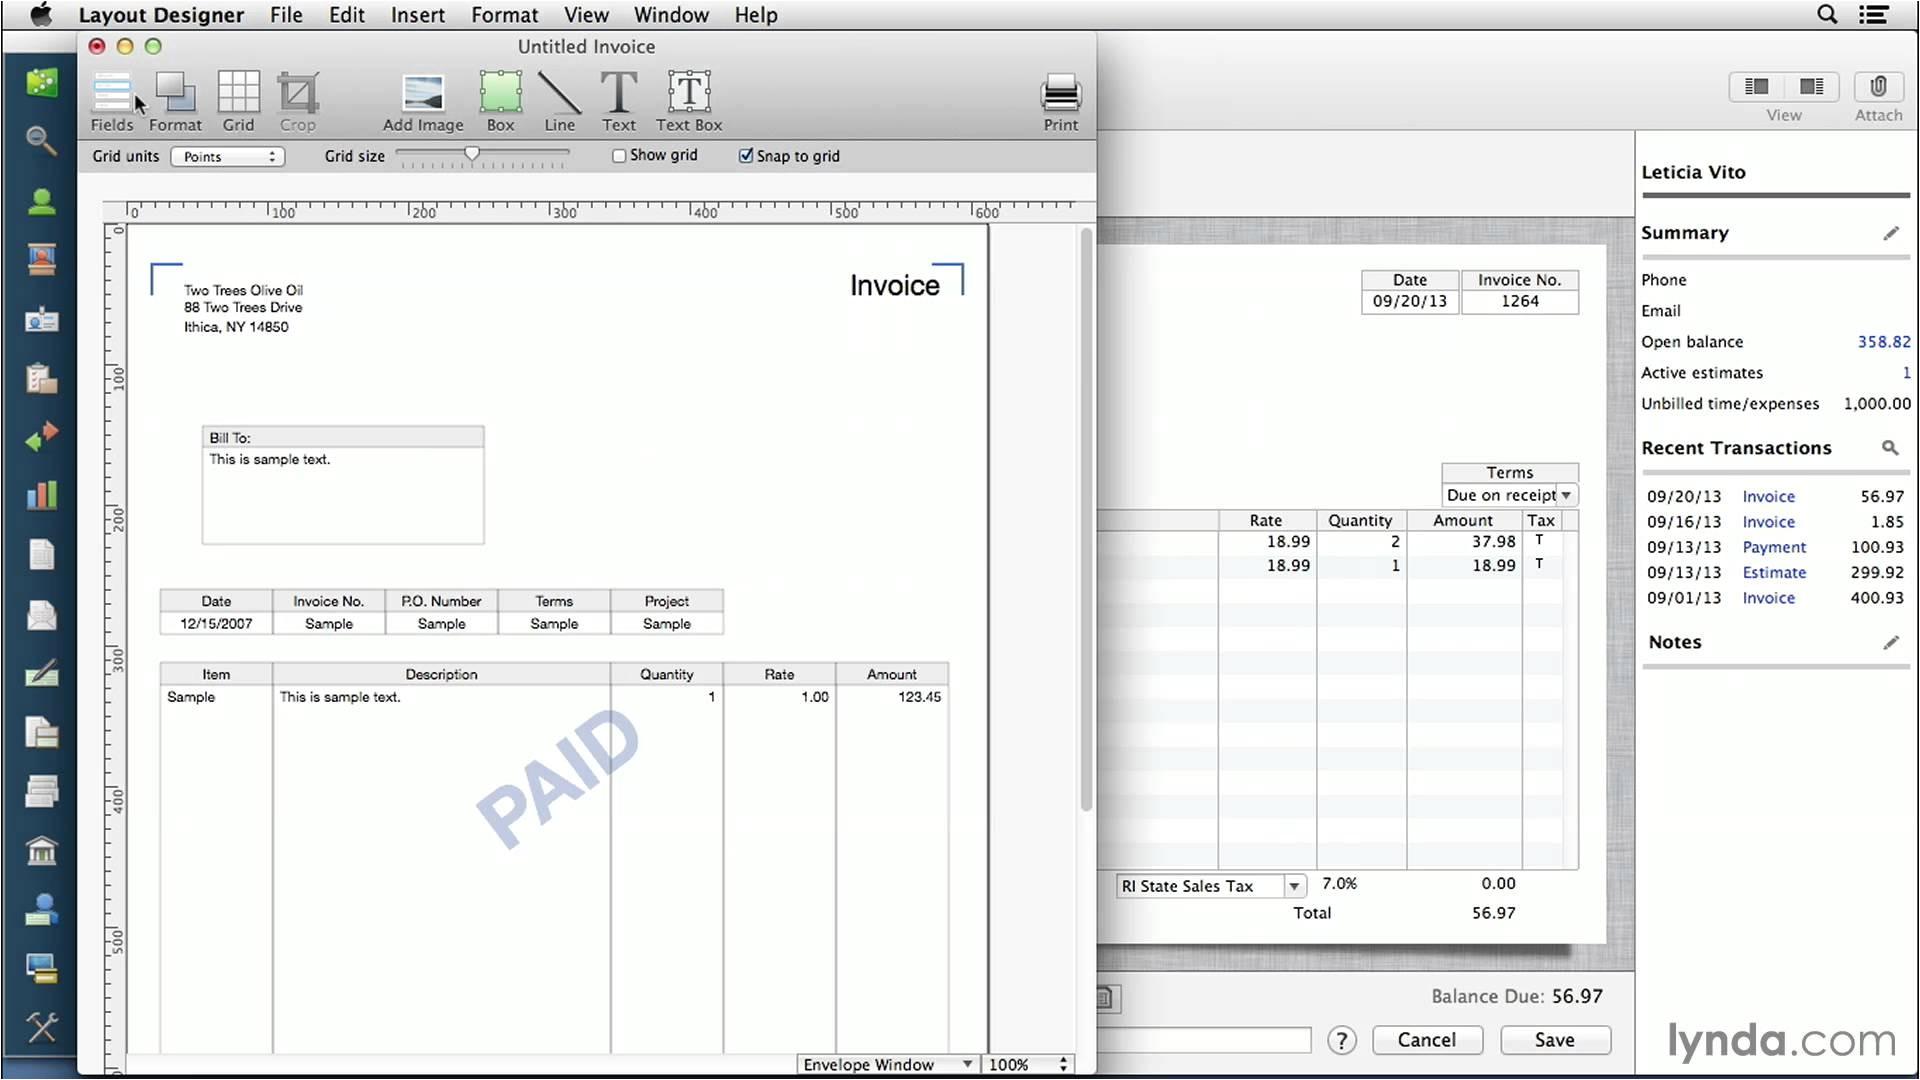 quickbooks invoice templates